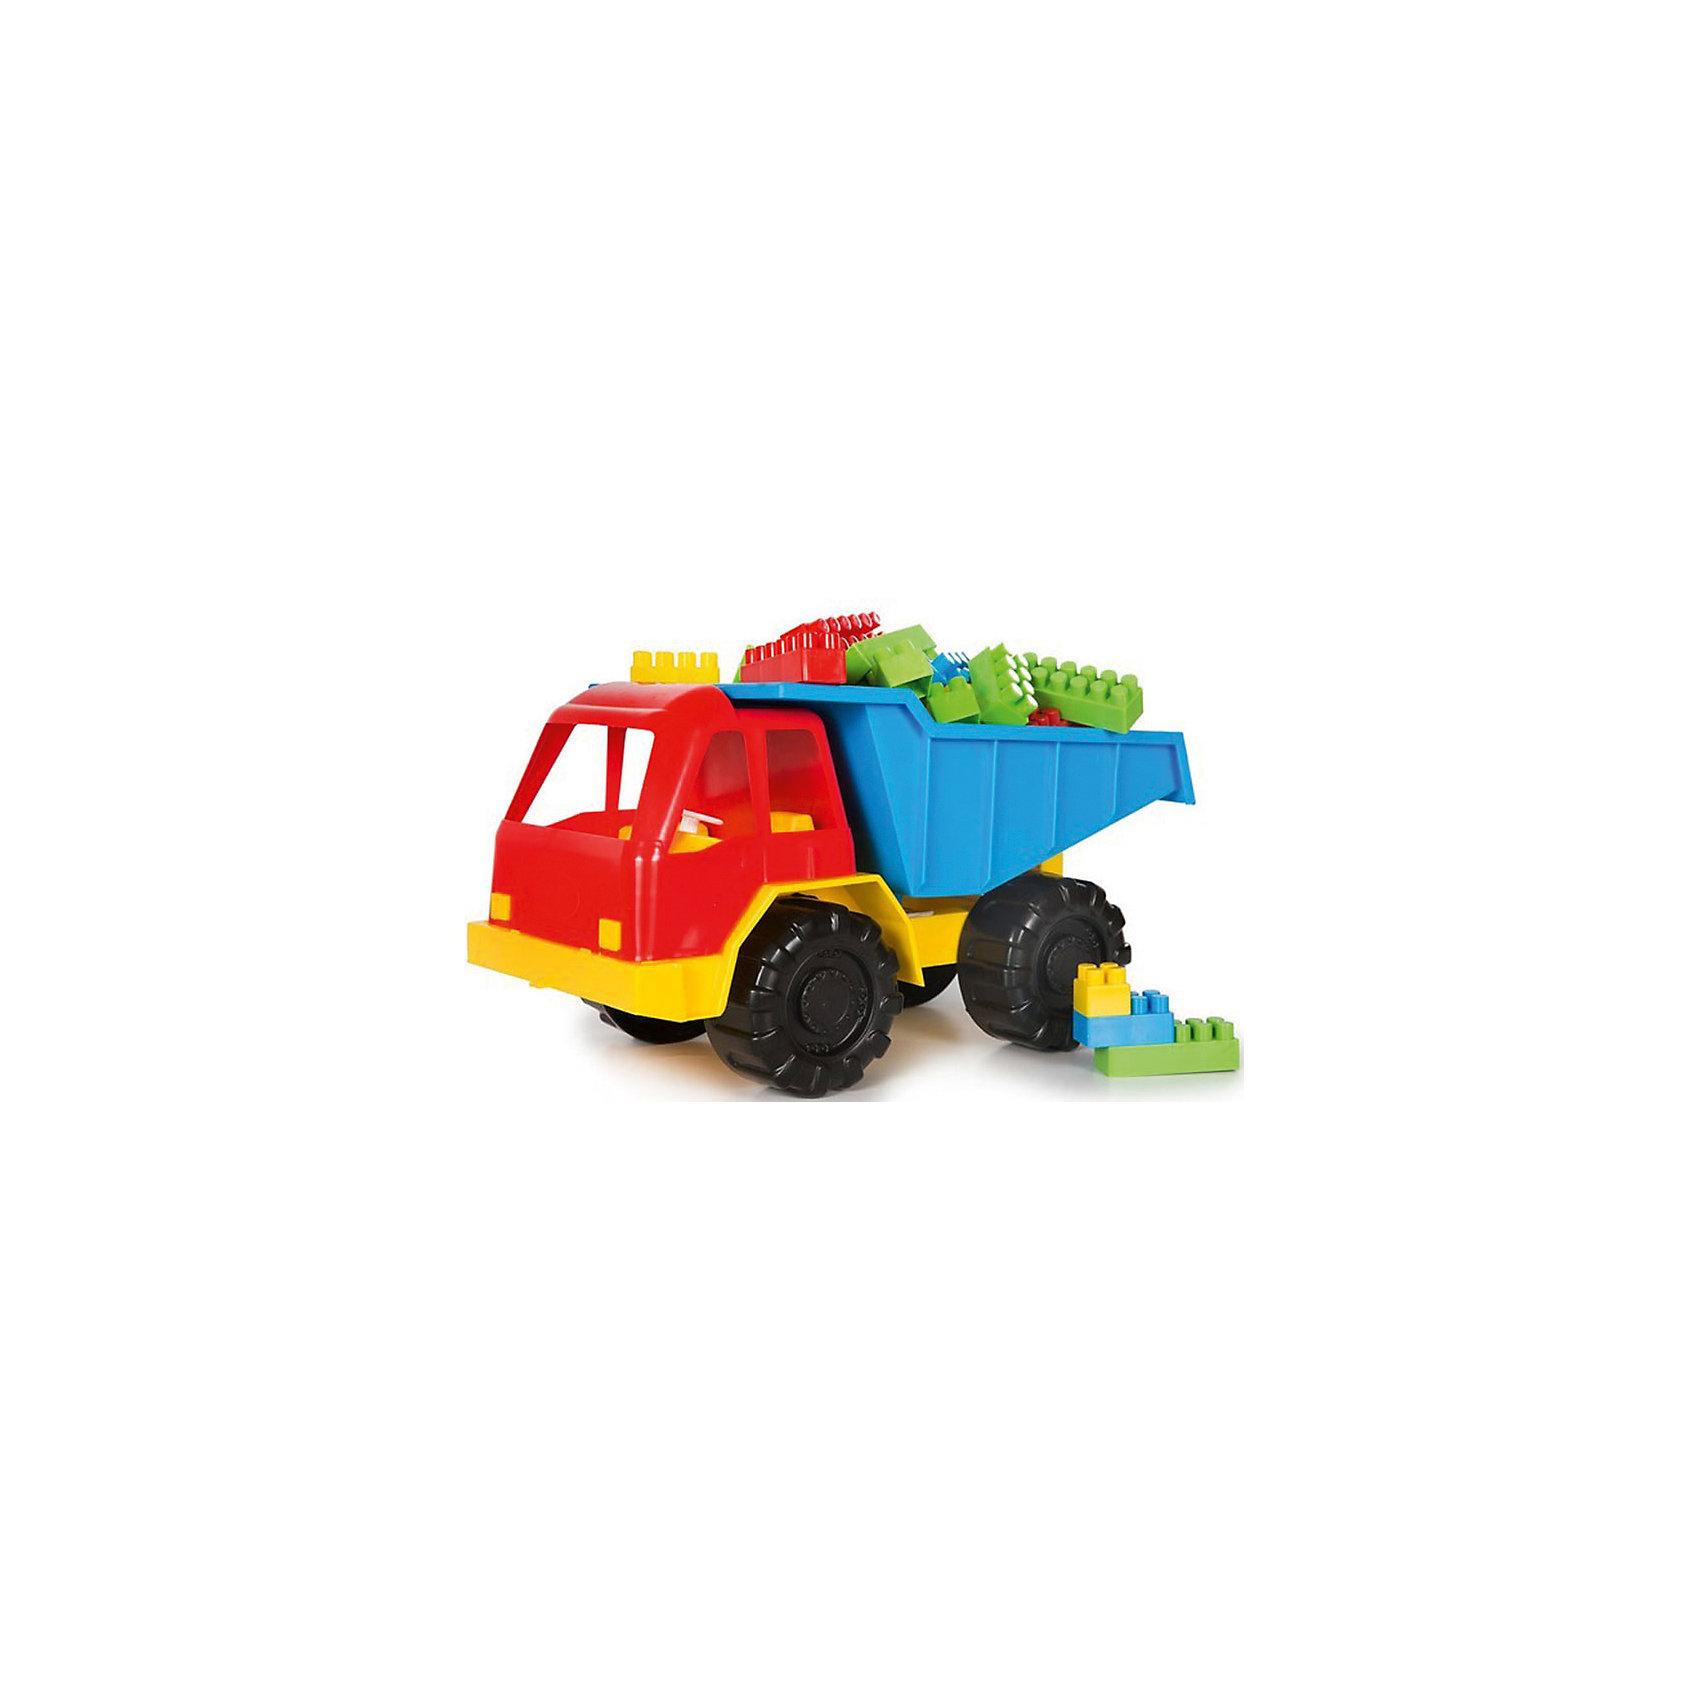 Грузовик + Комби Блок, КАССОНГрузовик + Комби Блок, КАССОН.<br><br>Характеристики:<br><br>- Материал: пластик<br>- Цвет: красный, синий, желтый.<br><br>Такая игрушка, безусловно, привлечет внимание вашего мальчика. Модель выполнена  из яркого безопасного пластика. Игрушка представляет собой модель автомобиля спецтехники «Самосвал». Она выполнена из качественного и безопасного пластика. Колеса машинки имеют свободный ход. В кузове грузовичка находятся разноцветные блоки, из которых можно построить домик. С такой игрушкой ваш ребенок сможет придумывать и обыгрывать различные игровые сюжеты. Порадуйте своего мальчика, подарив ему такую машинку!<br><br>Грузовик + Комби Блок, КАССОН можно купить в нашем интернет - магазине.<br><br>Ширина мм: 300<br>Глубина мм: 300<br>Высота мм: 300<br>Вес г: 400<br>Возраст от месяцев: 36<br>Возраст до месяцев: 84<br>Пол: Мужской<br>Возраст: Детский<br>SKU: 4785514